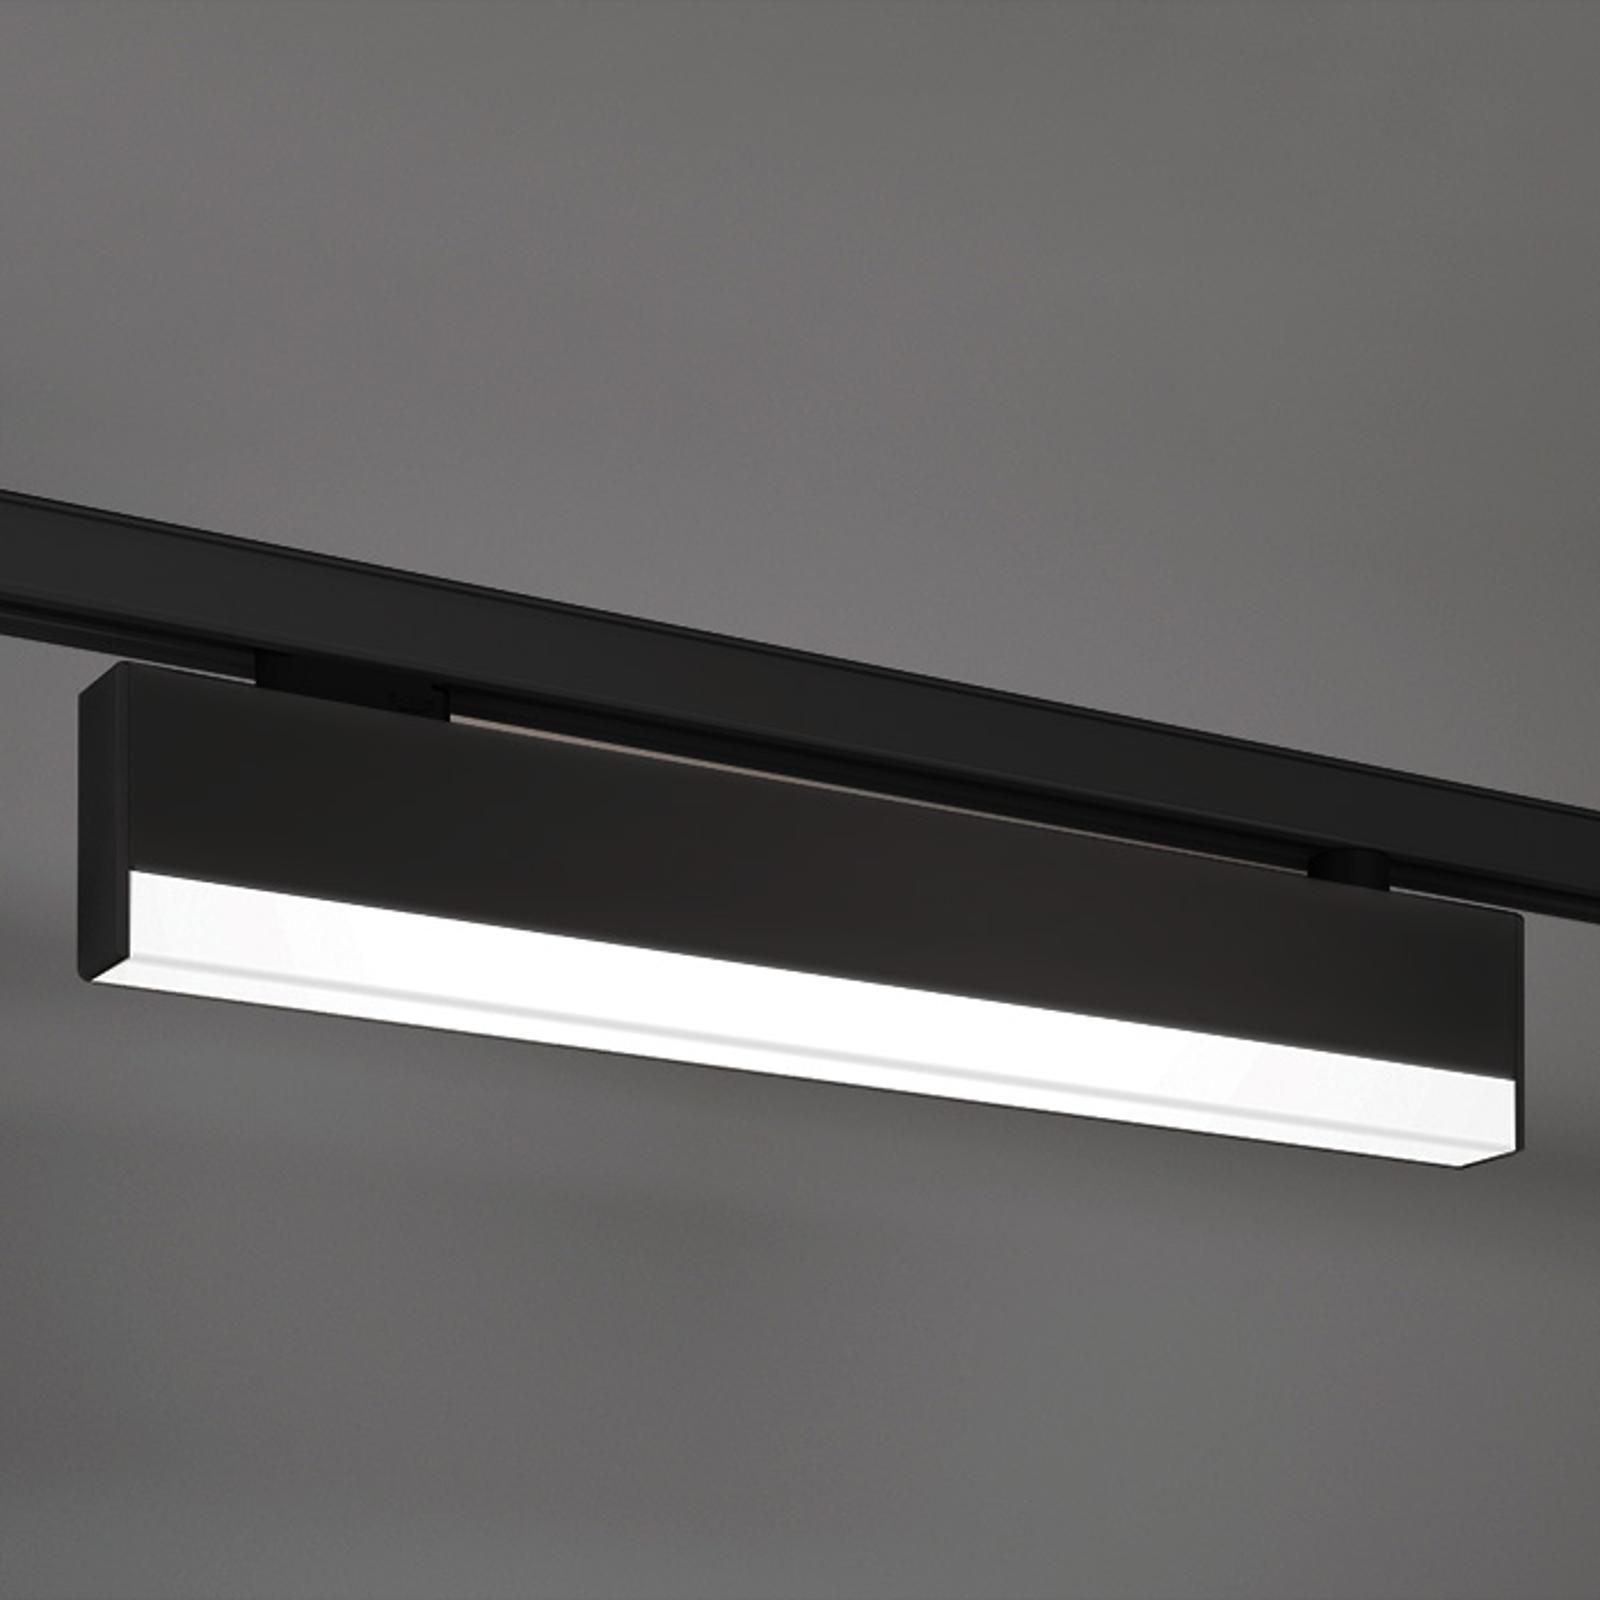 LED-pære for 3-fase skinne, svart